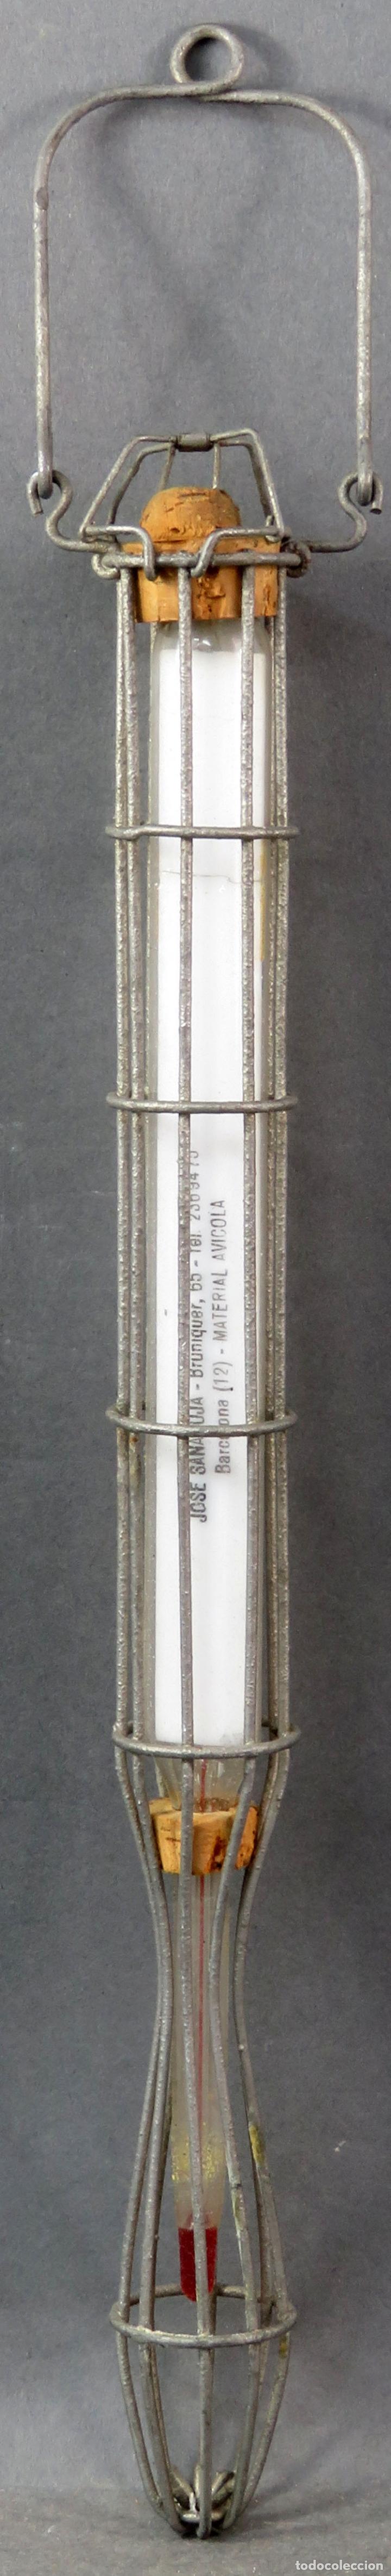 Antigüedades: Termómetro profesional de Material Avícola años 60 - Foto 5 - 167098496